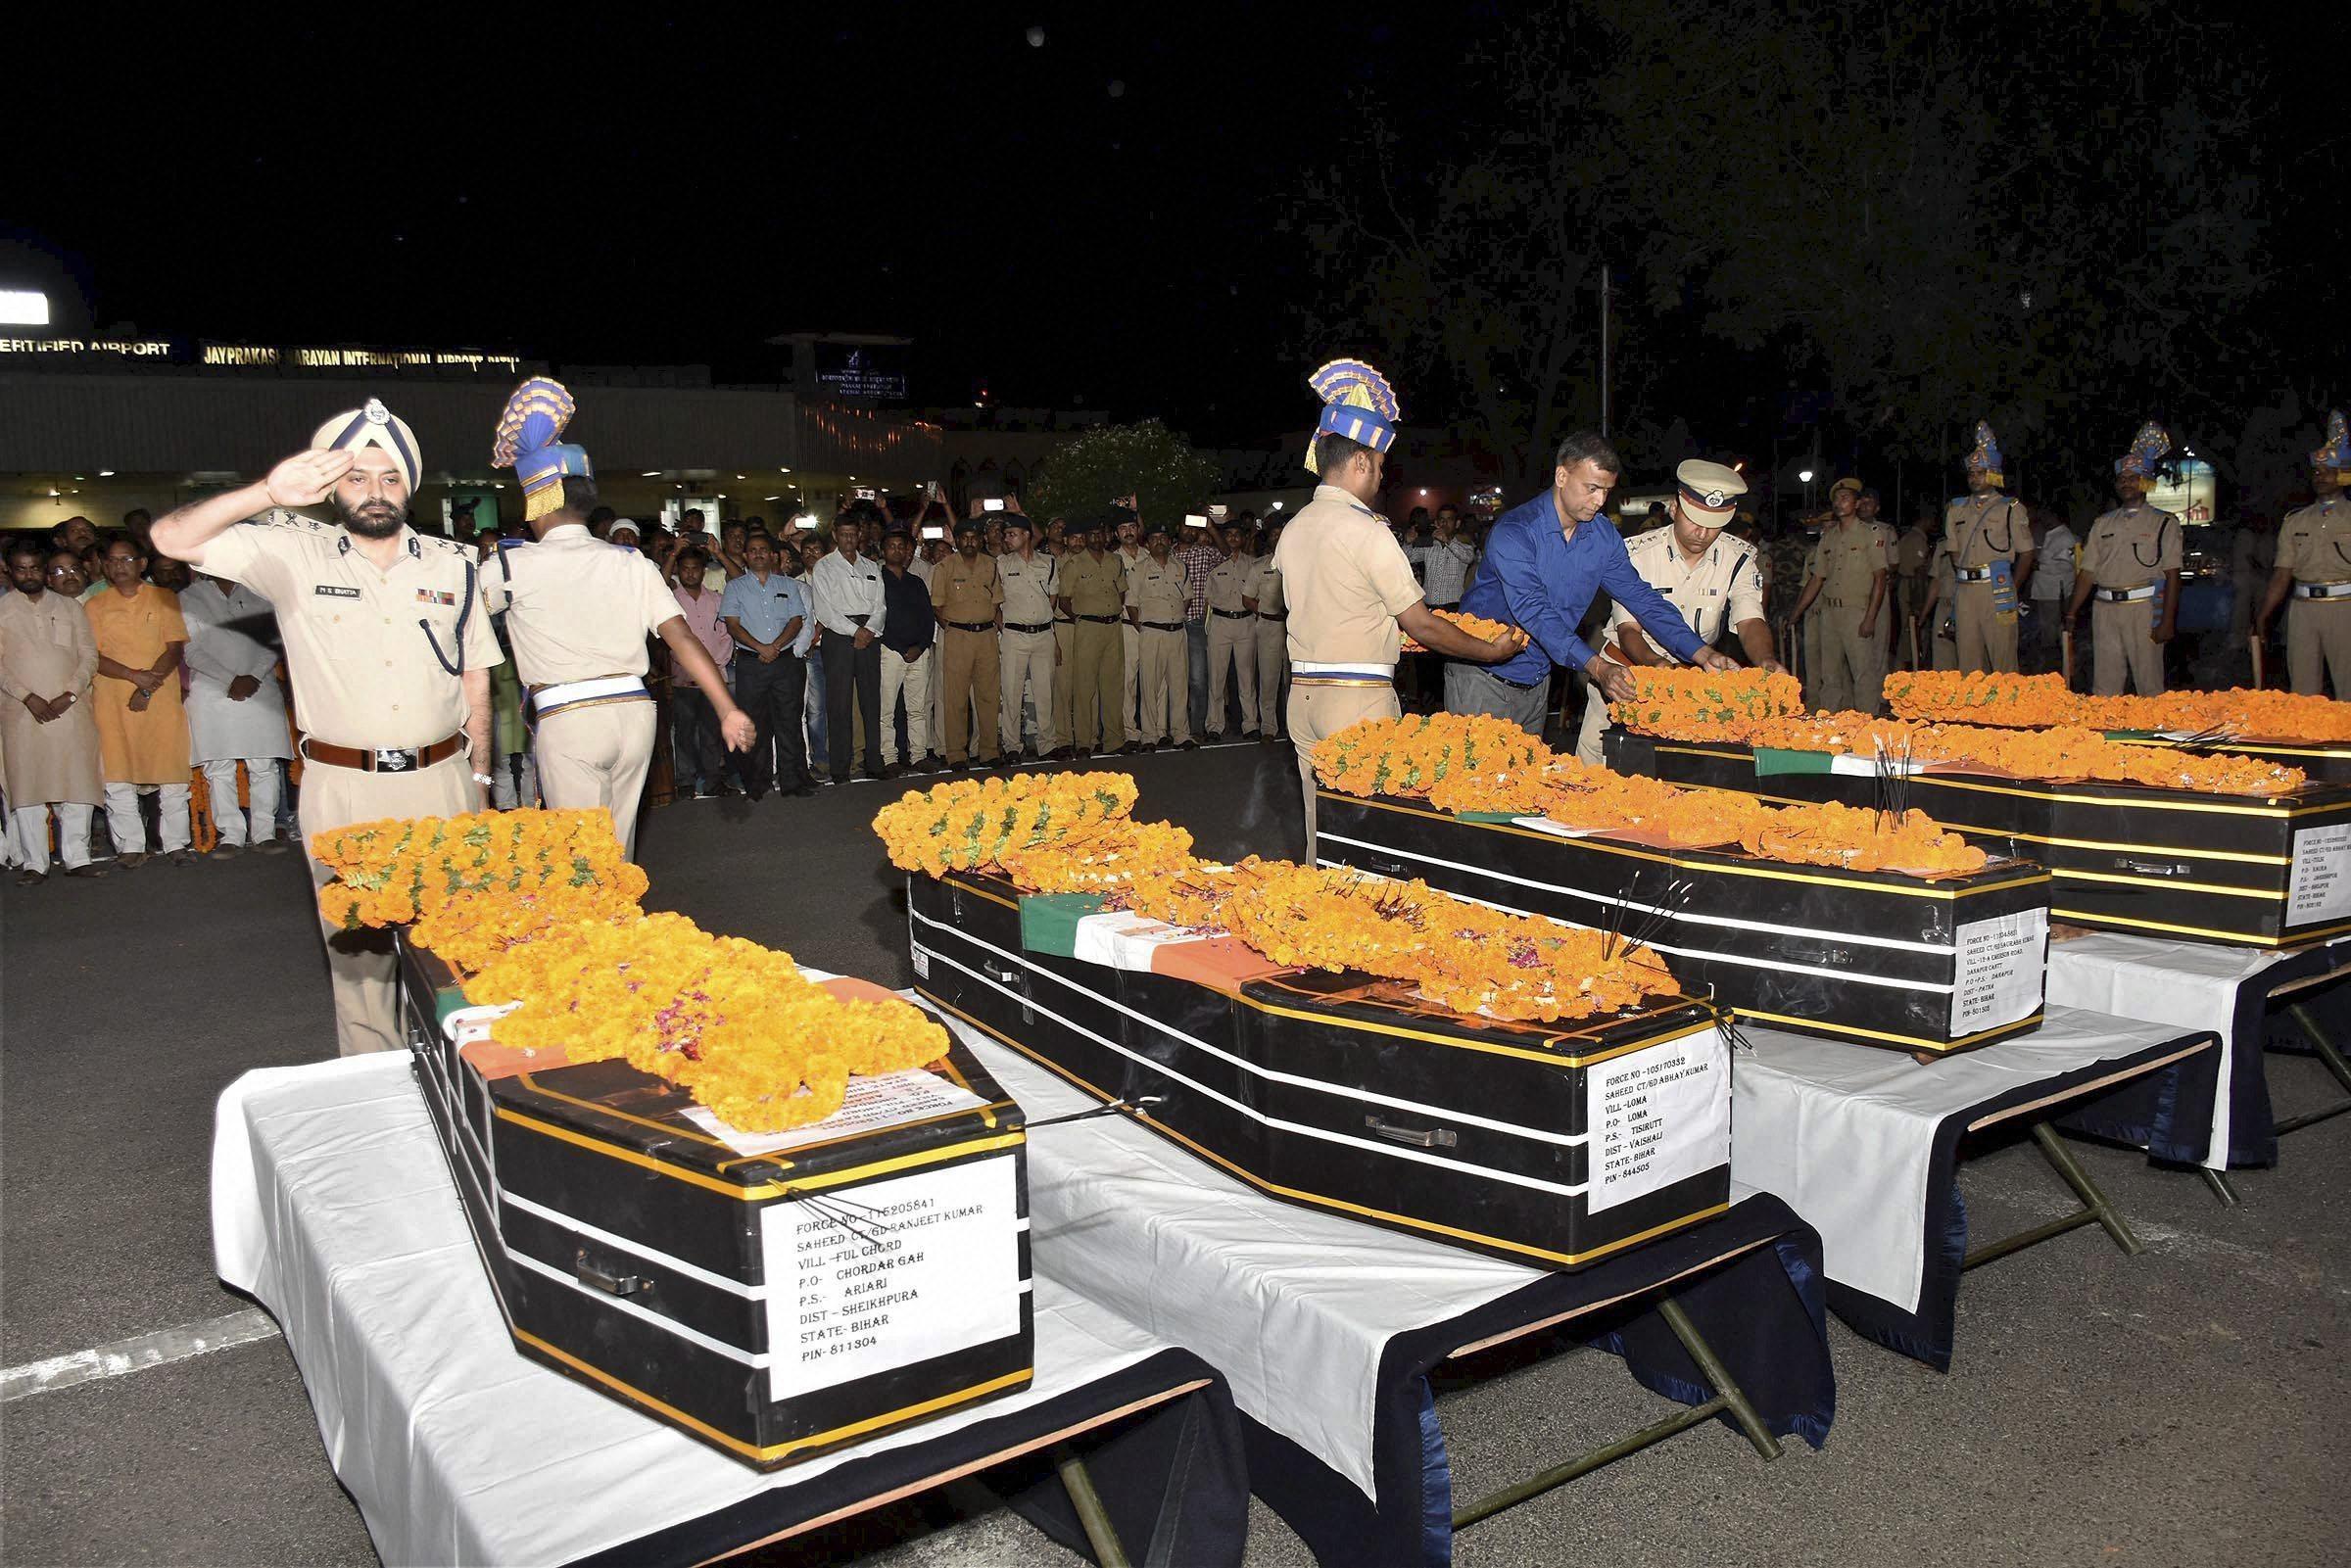 CRPF officers pay tributes to slain jawans at Patna airport. Image credit: PTI